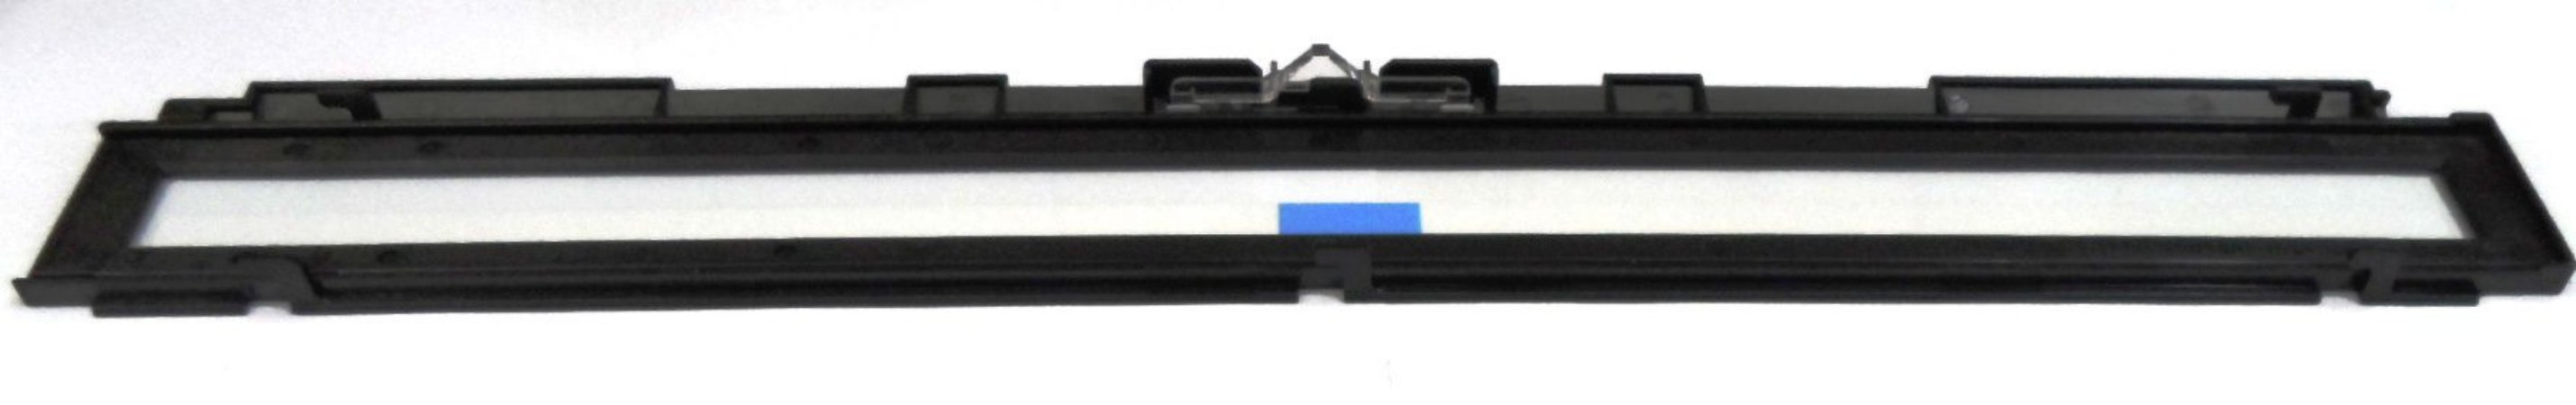 MF14615020 - Vidro Superior - Scanner DR-6050C | DR-7550C | DR-9050C | DR-G1100 | DR-G1130